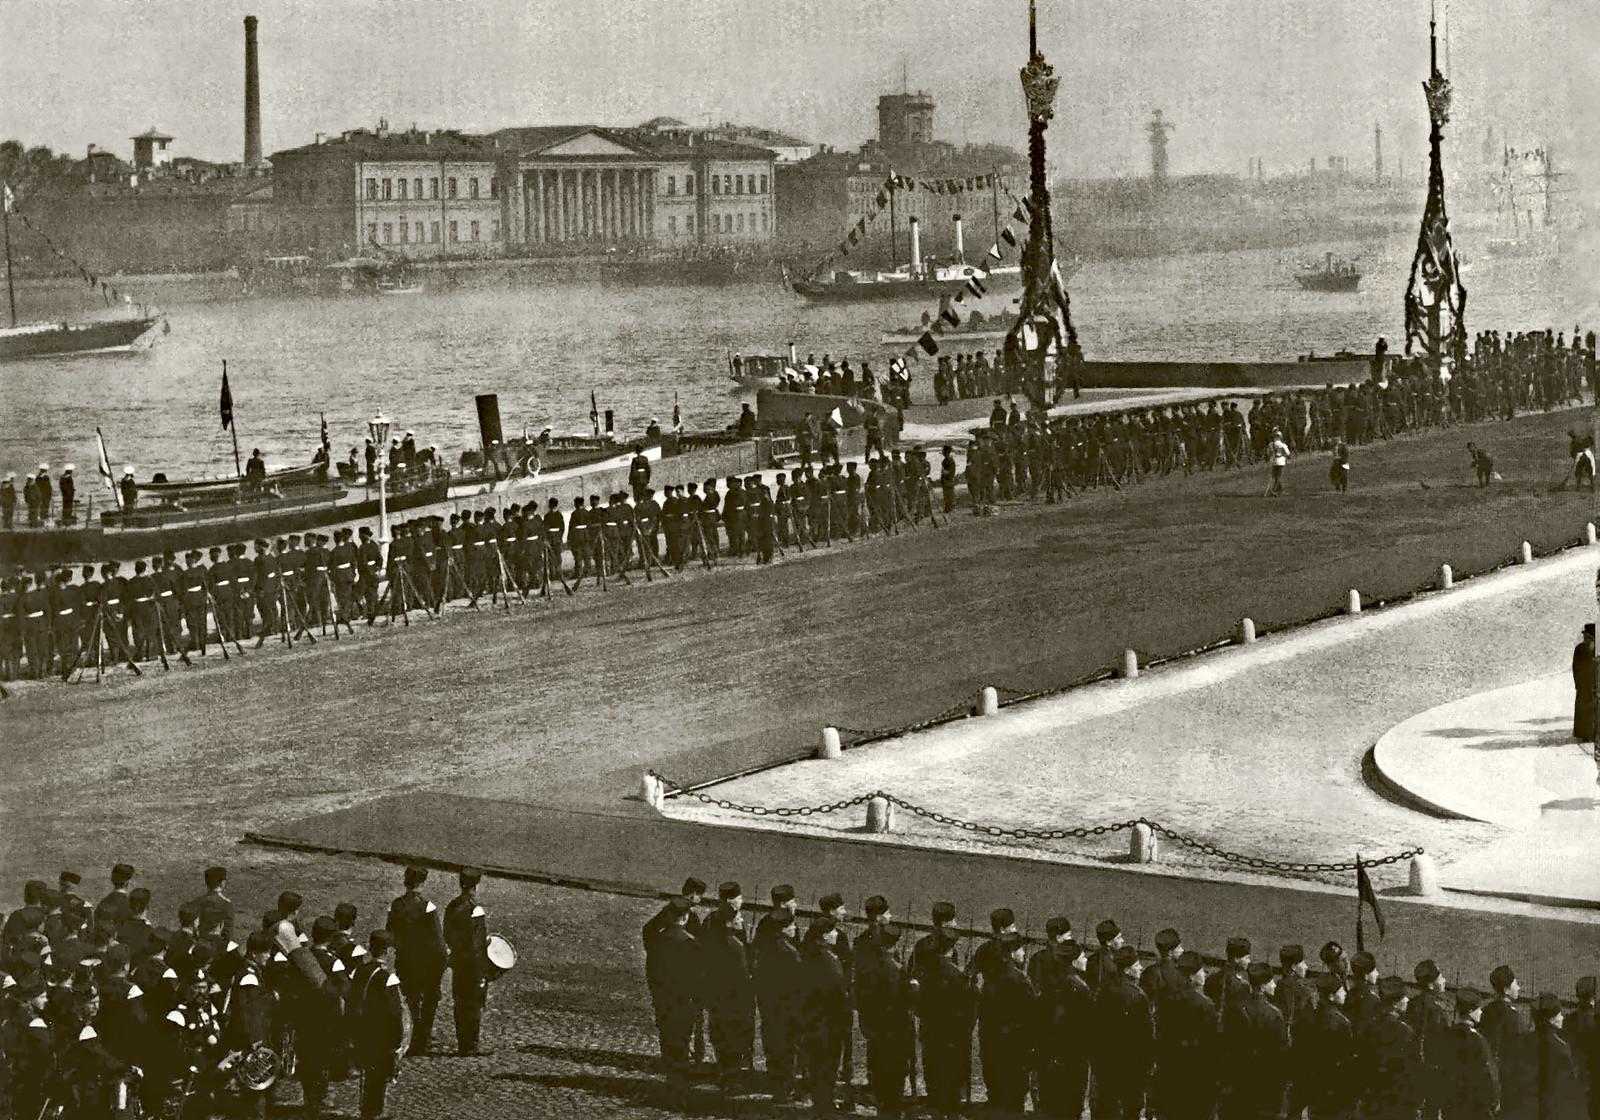 1903. Празднование 200-летия Санкт-Петербурга на Сенатской площади